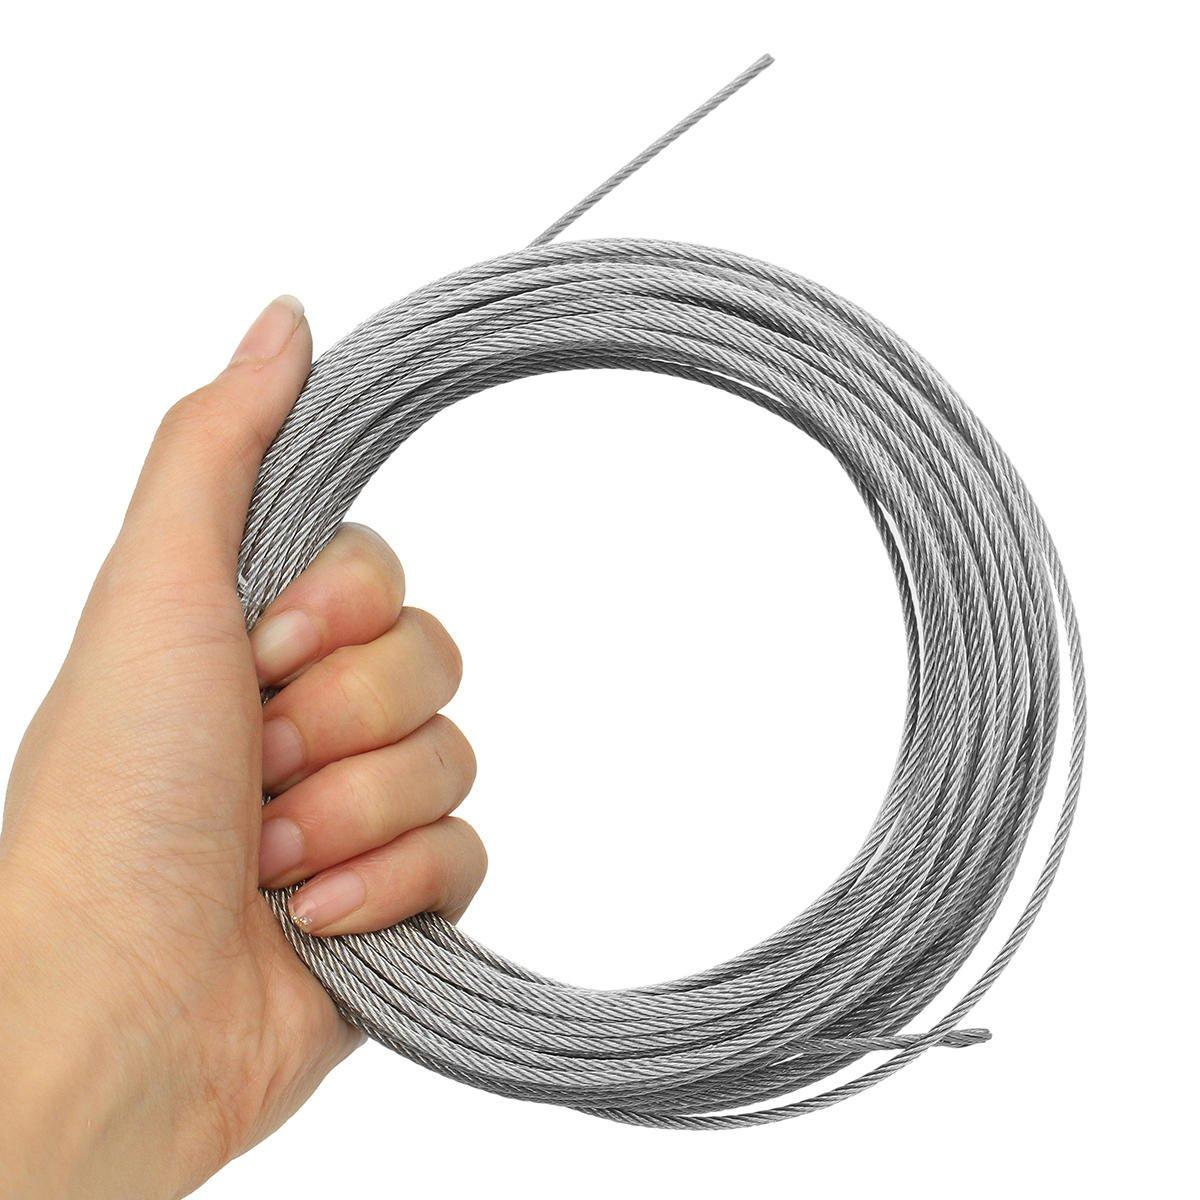 KUNSE 2Mm Edelstahl Wire Rope Tensile Durchmesser Durchmesser Durchmesser Strukturkabel-50M B07N8LJ7MH | Hohe Sicherheit  3a033a